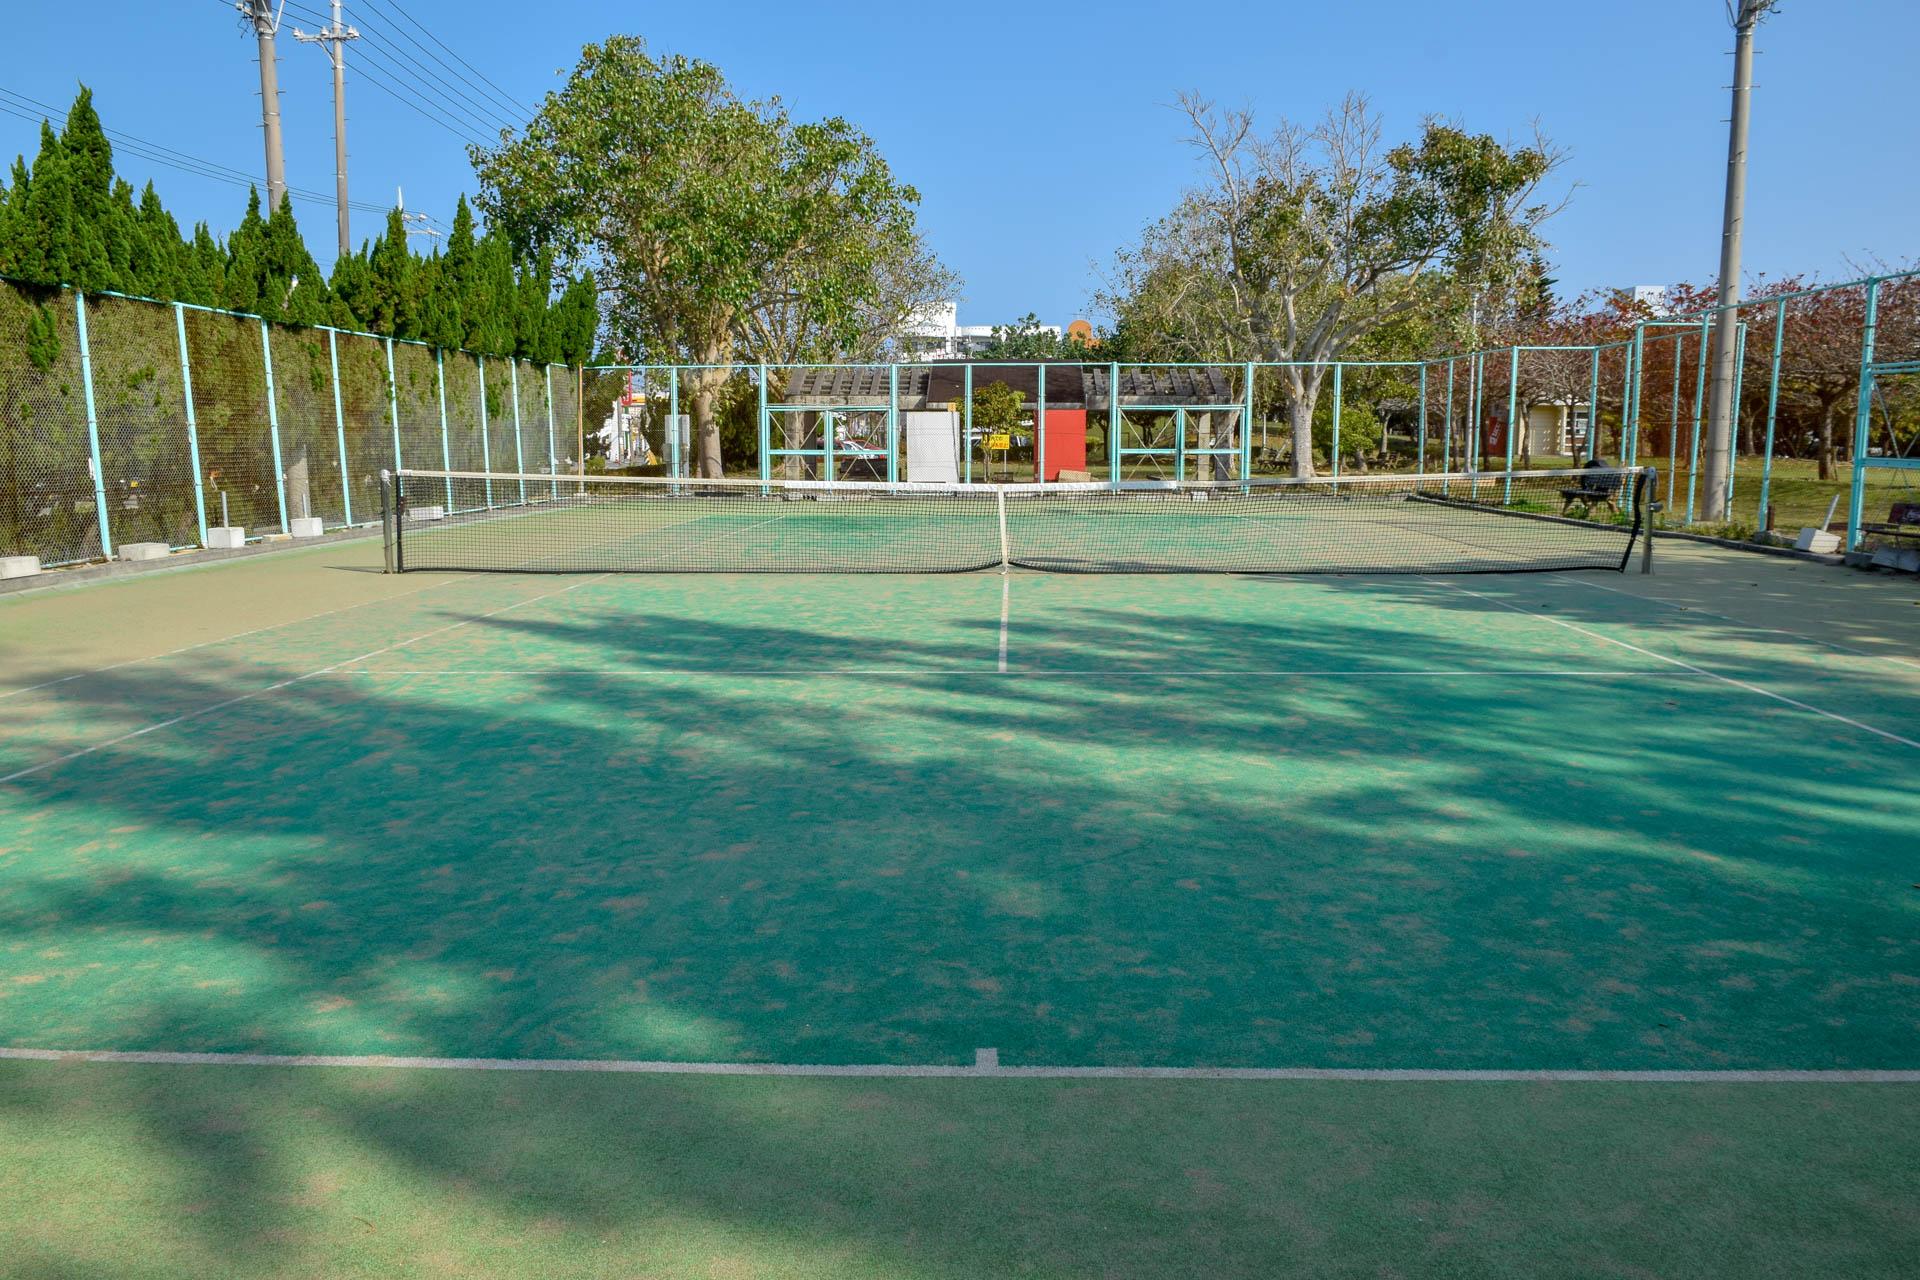 糸満市近隣公園 庭球場